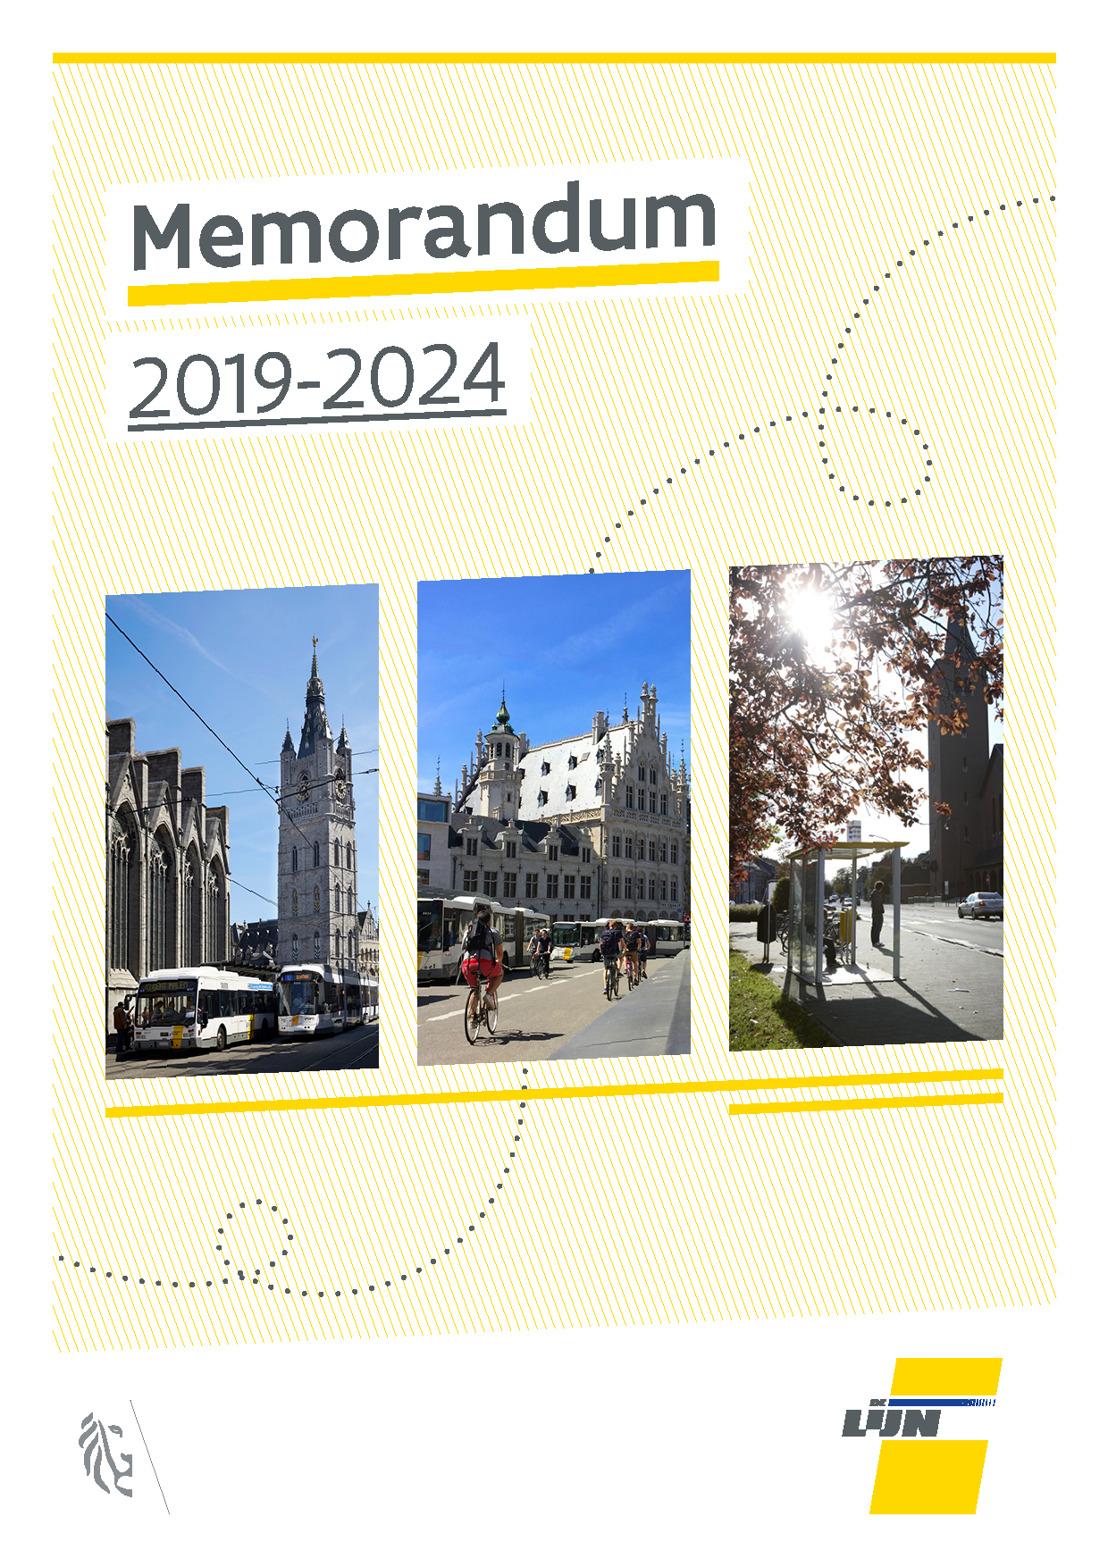 De Lijn maakt aanbevelingen aan volgende regering over in Memorandum 2019-2024